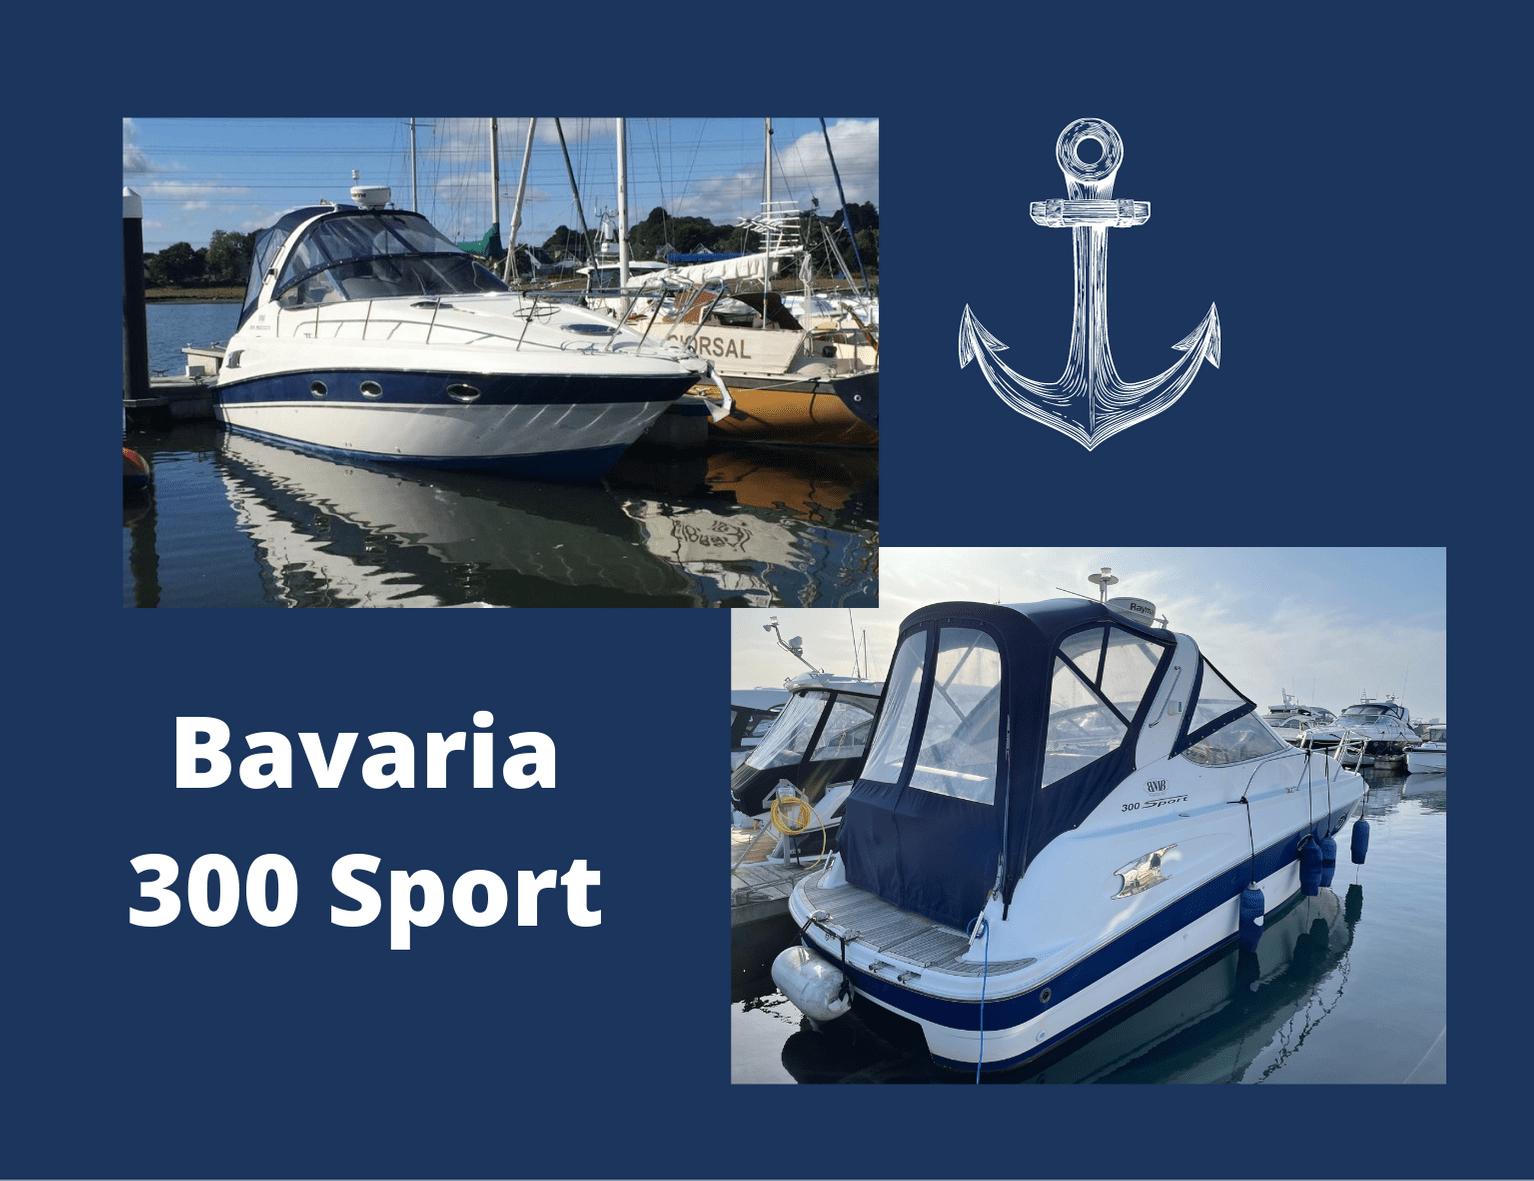 Bavaria 300 Sport